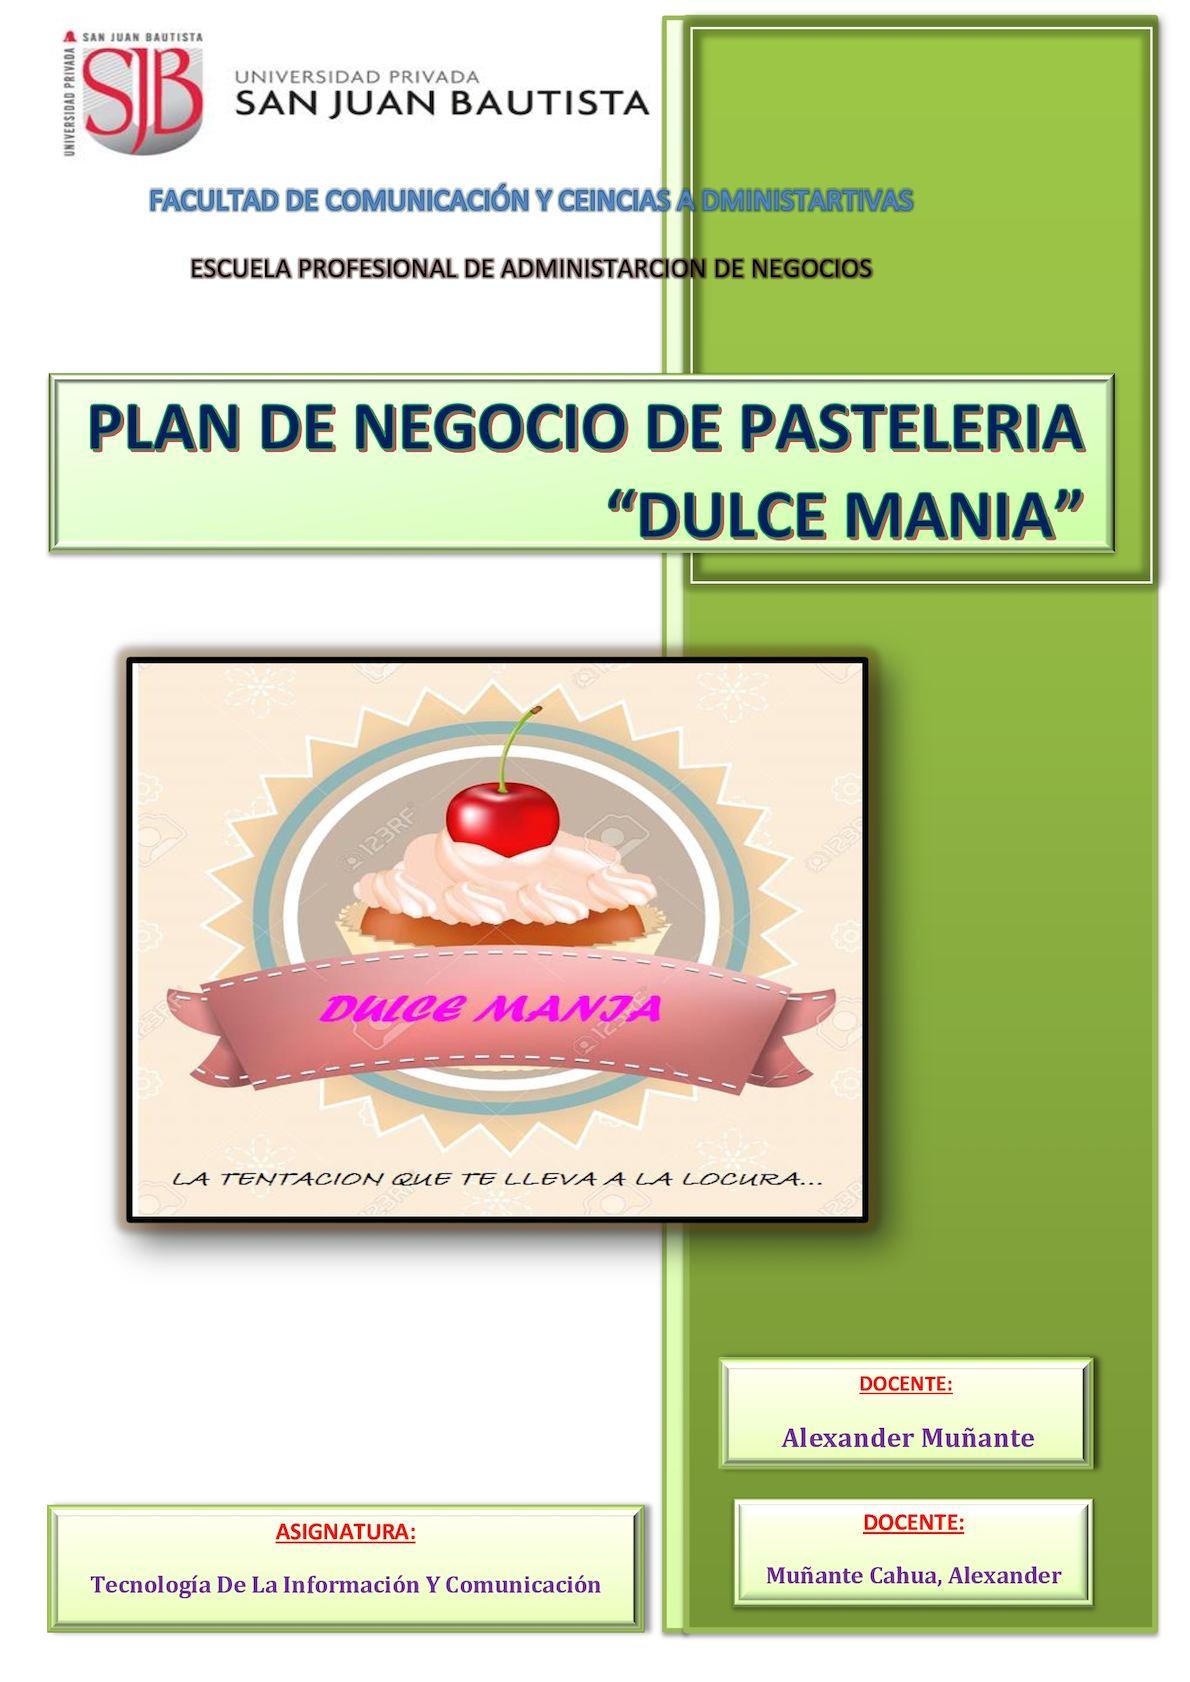 Calam o dulce mania for Plan de negocios ejemplo pdf